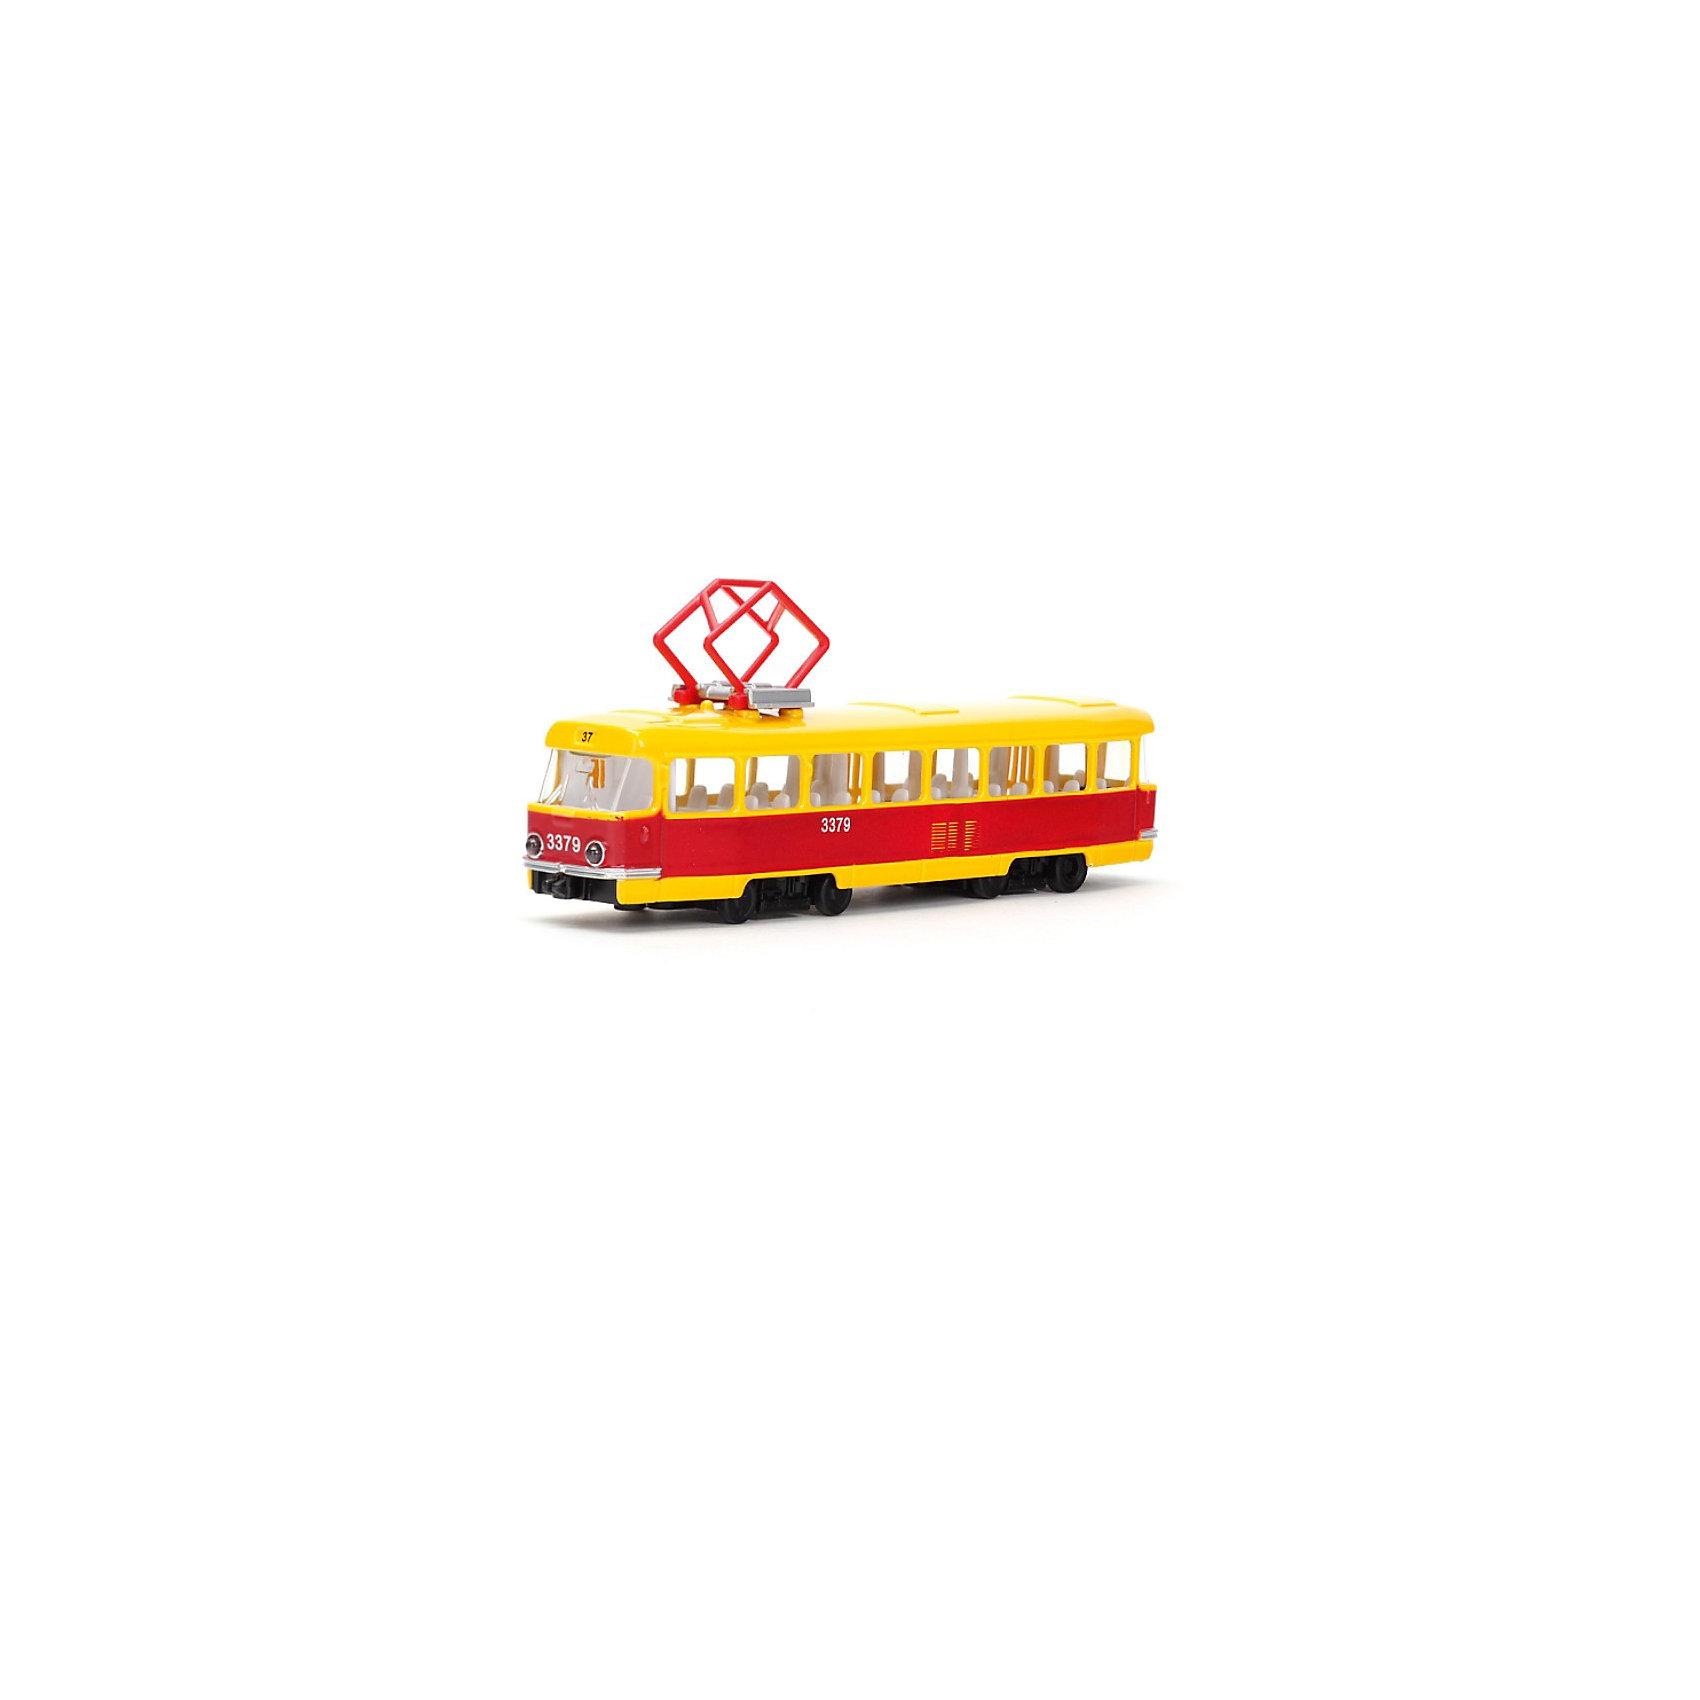 Трамвай, инерционный, со светом и звуком, ТЕХНОПАРКТрамвай, инерционный, со светом и звуком, ТЕХНОПАРК – эта масштабная модель, которая передает все нюансы корпуса настоящего трамвая.<br>Трамвай выполнен в масштабе 1:43, имеет литой металлический корпус, фары, прочные, небьющиеся стекла, большие резиновые колеса, что очень нравится всем детям. Трамвай оснащен инерционным механизмом, световыми эффектами, а также функцией открывания и закрывания дверей. Трамвай - замечательный подарок, ведь он принесет малышу не только радость, но и познакомит с удивительным миром техники.<br><br>Дополнительная информация:<br><br>- Материал: металл, пластик<br>- Масштаб модели: 1:43<br>- Размер упаковки: 24,5 х 14,5 х 5 см.<br>- Длина трамвая: 16,5 см.<br>- Требуются батарейки: 3 х LR41 (в комплект не входят)<br><br>Трамвай, инерционный, со светом и звуком, ТЕХНОПАРК можно купить в нашем интернет-магазине.<br><br>Ширина мм: 250<br>Глубина мм: 50<br>Высота мм: 150<br>Вес г: 270<br>Возраст от месяцев: 36<br>Возраст до месяцев: 120<br>Пол: Мужской<br>Возраст: Детский<br>SKU: 3789470